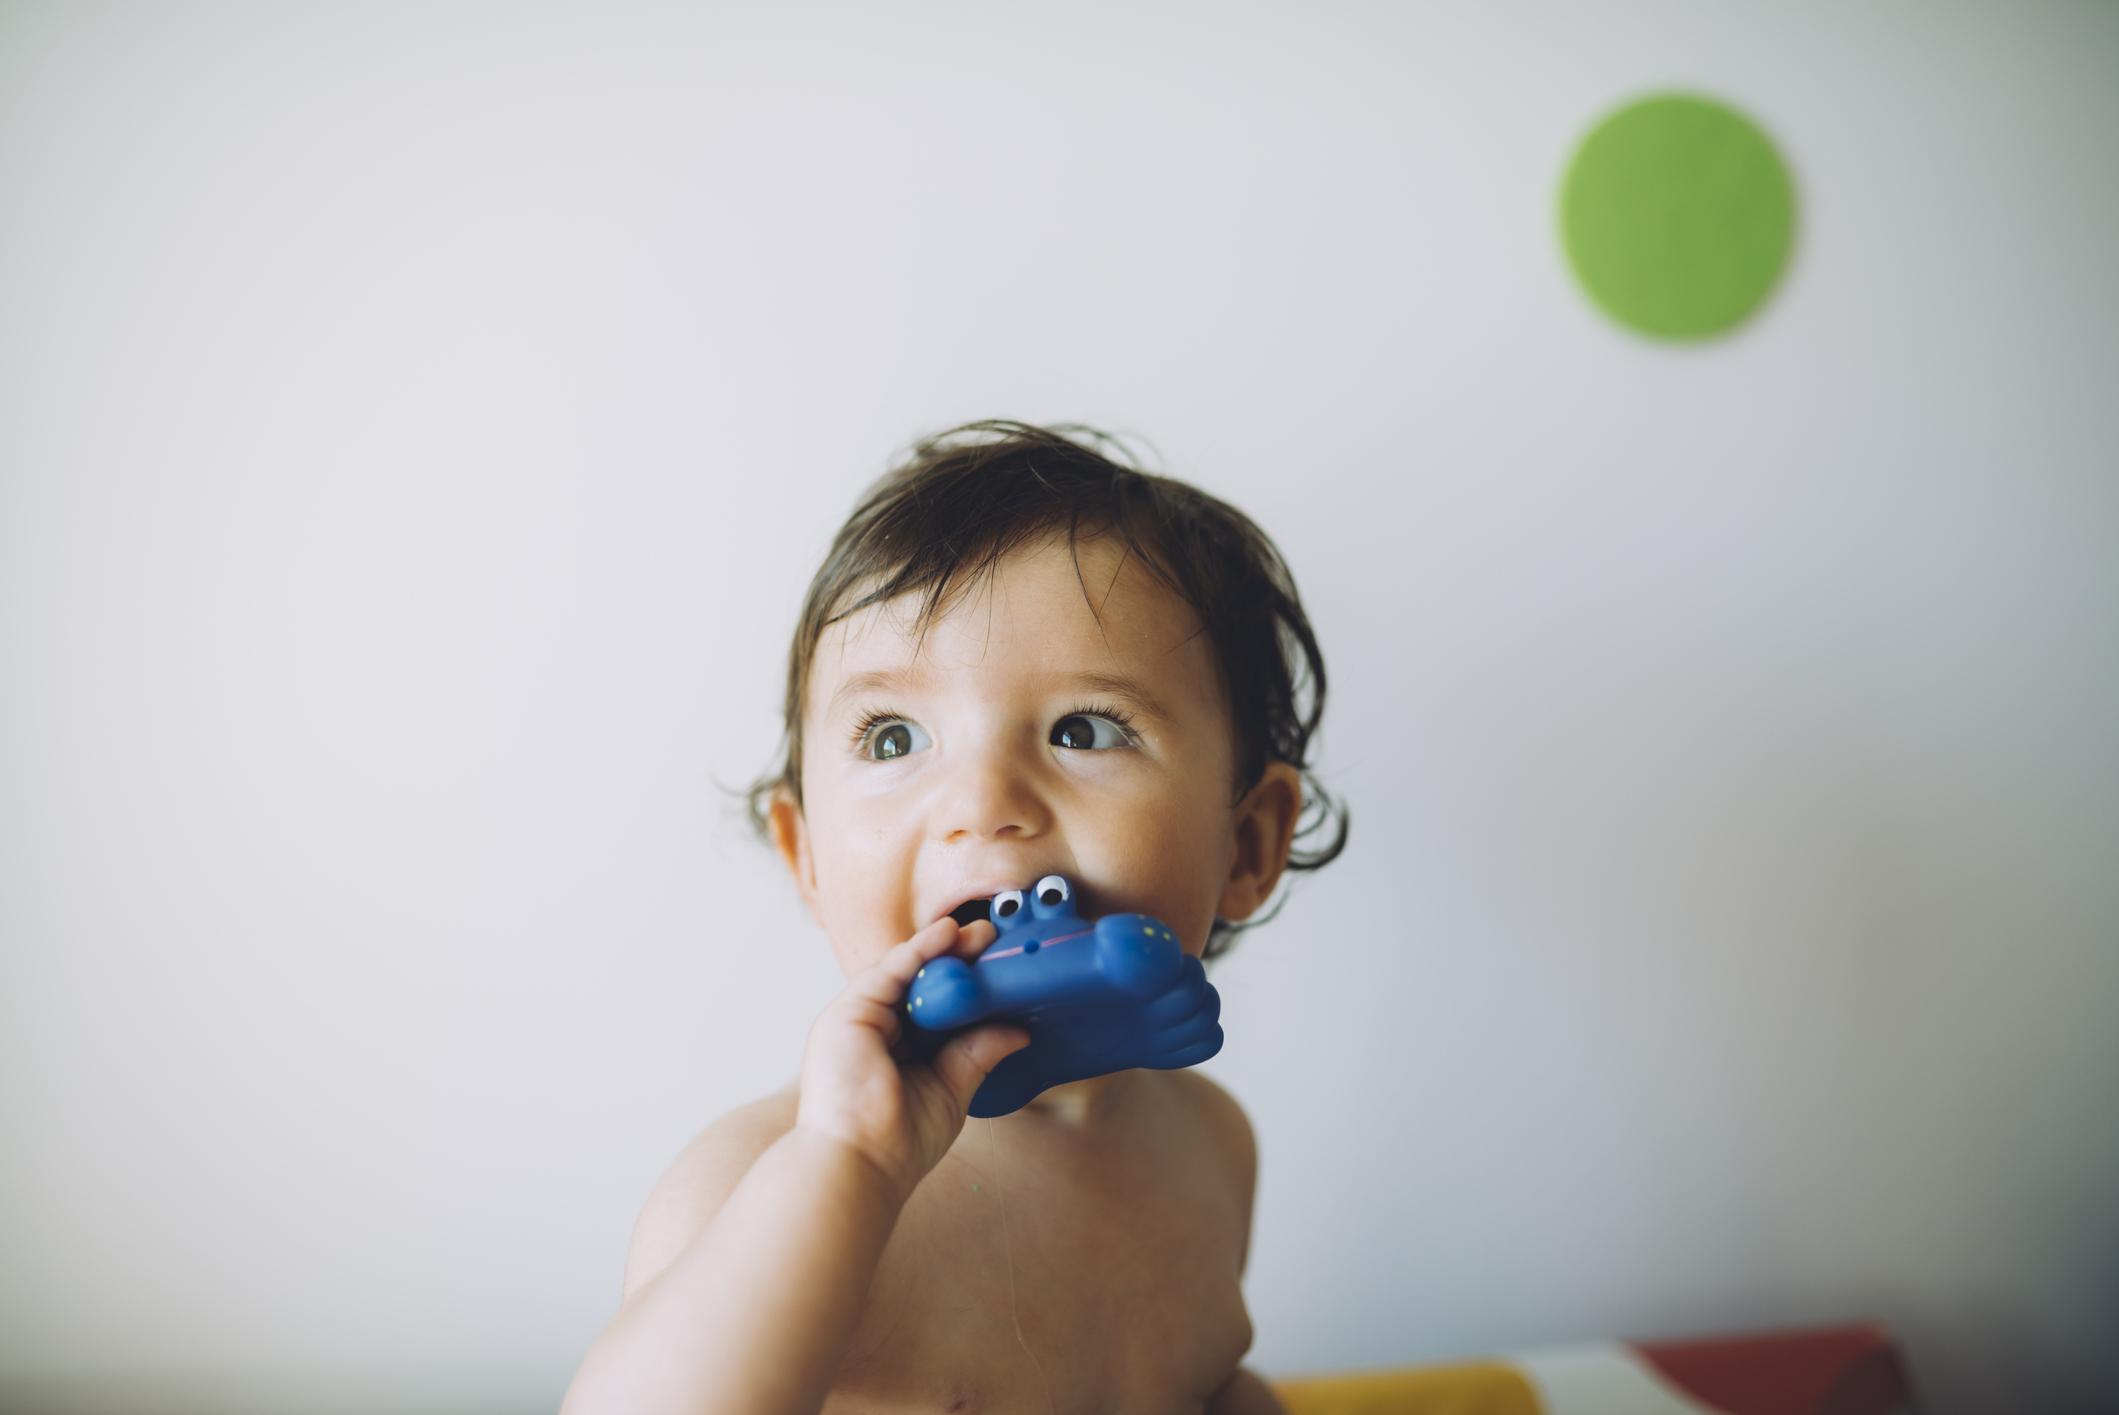 Les bébés plus exposés aux microplastiques que les adultes